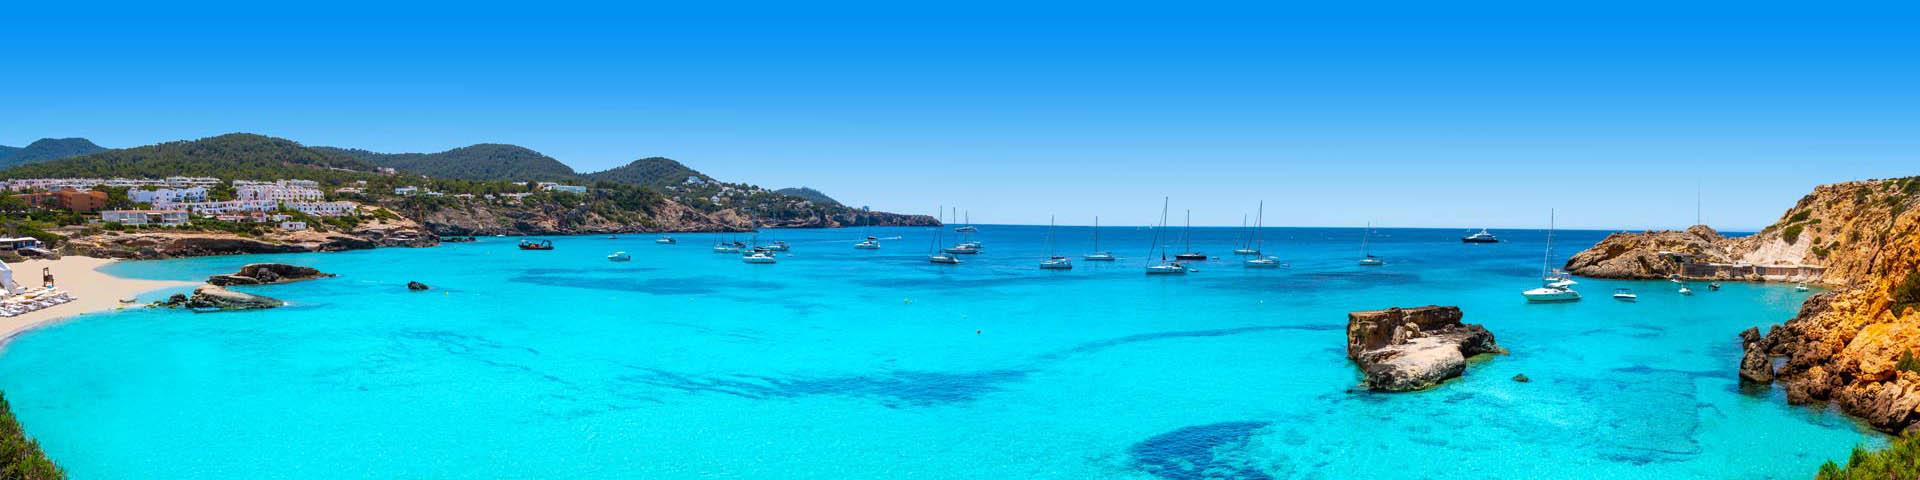 Uitzicht op een helderblauwe zee bij een Azuline hotel